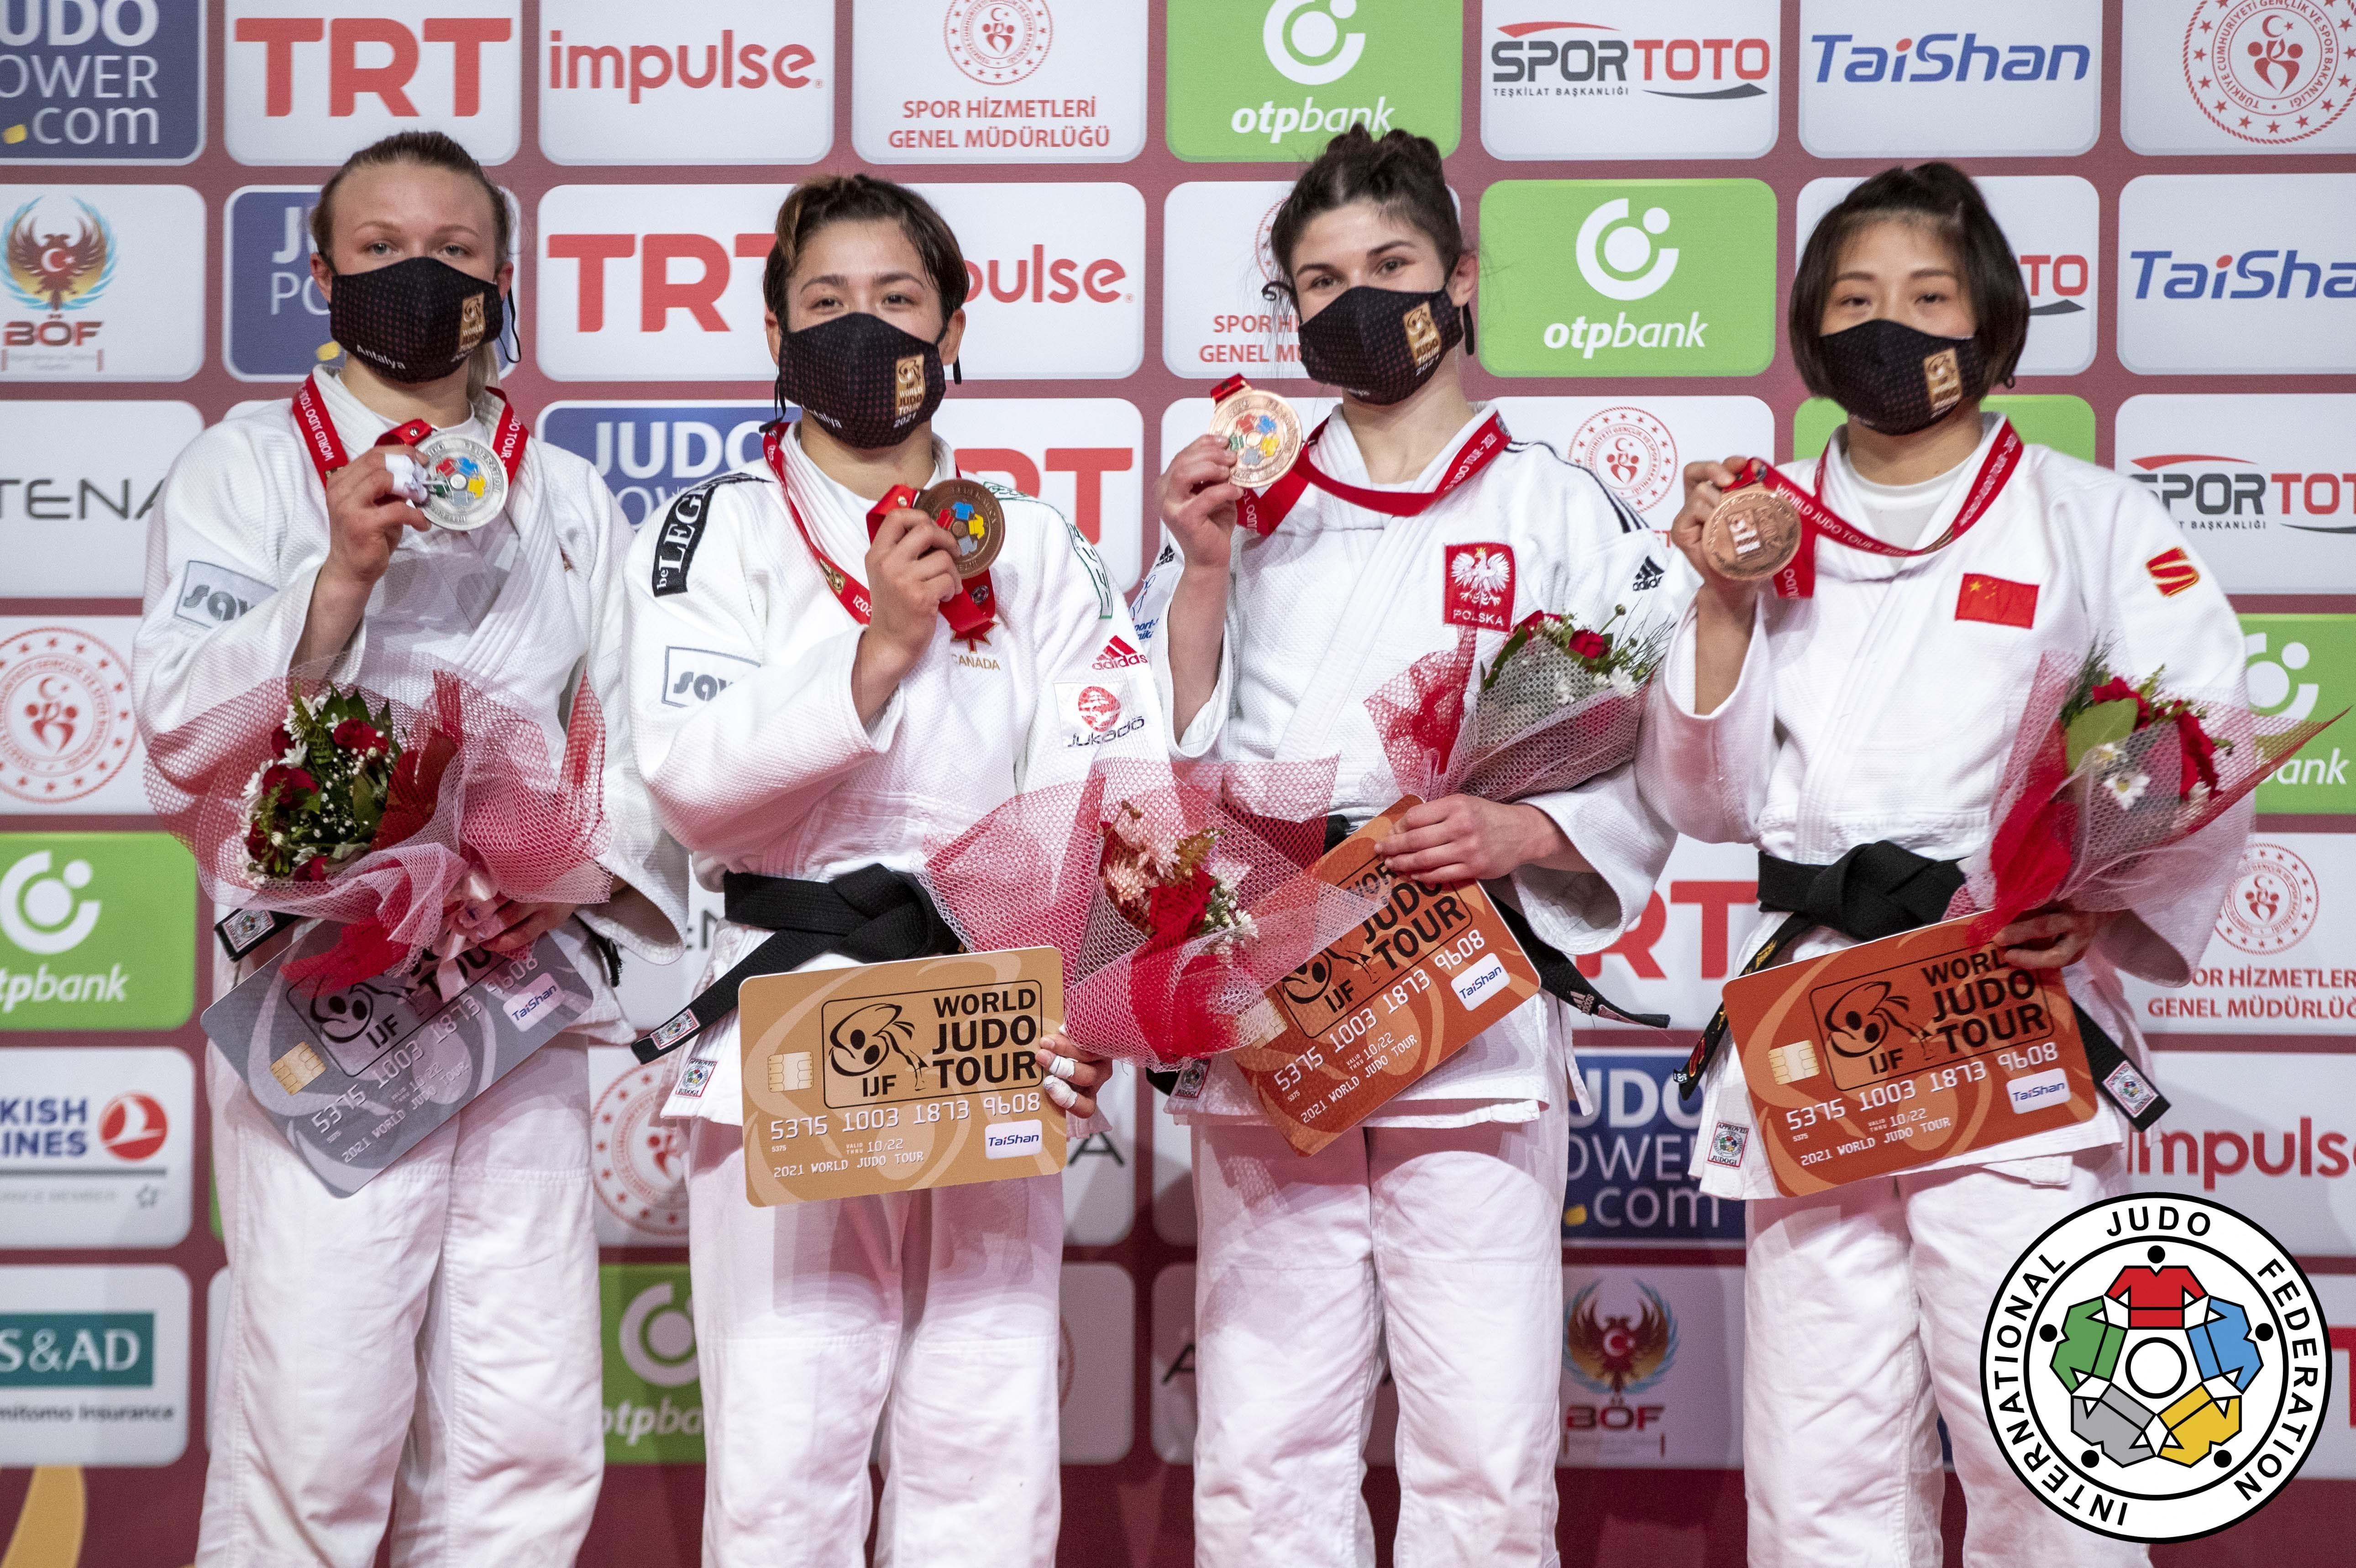 Quatre judokas sur un podium